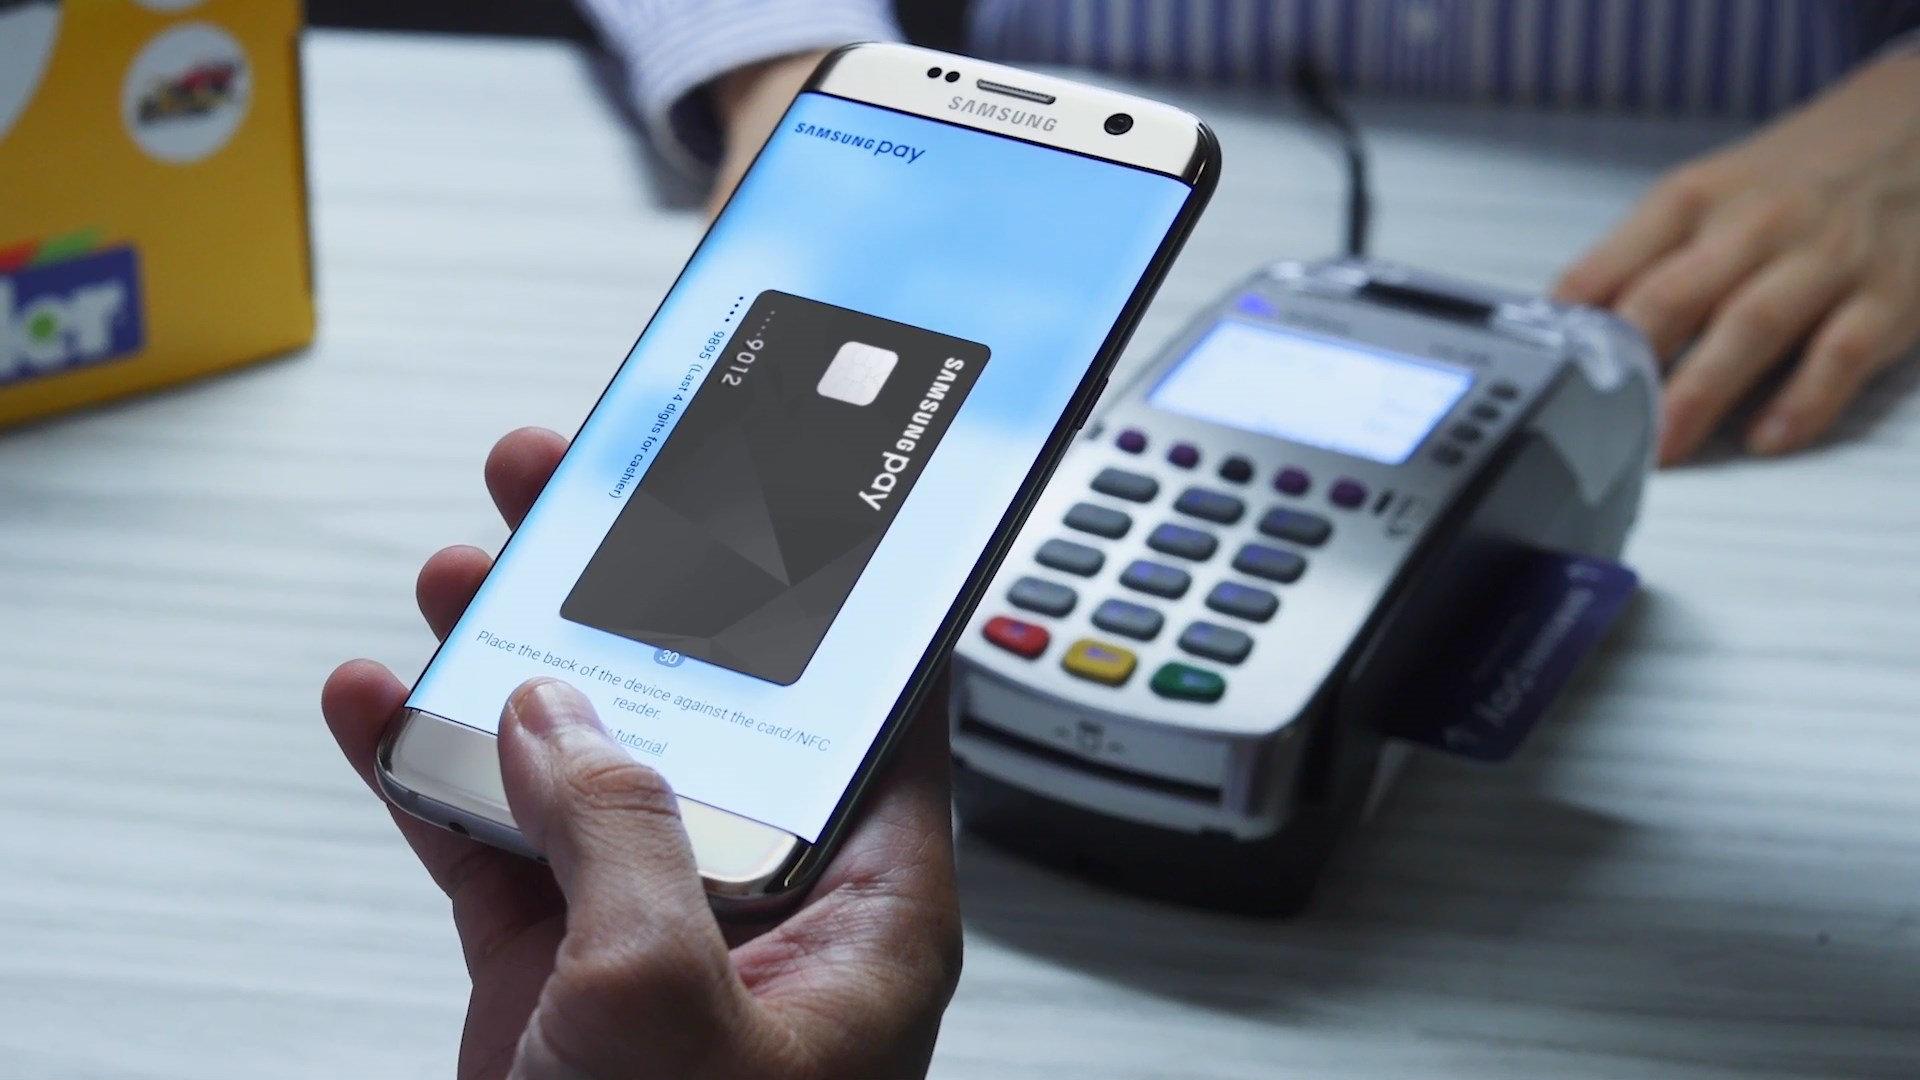 Come pagare con il Bancomat usando lo smartphone thumbnail